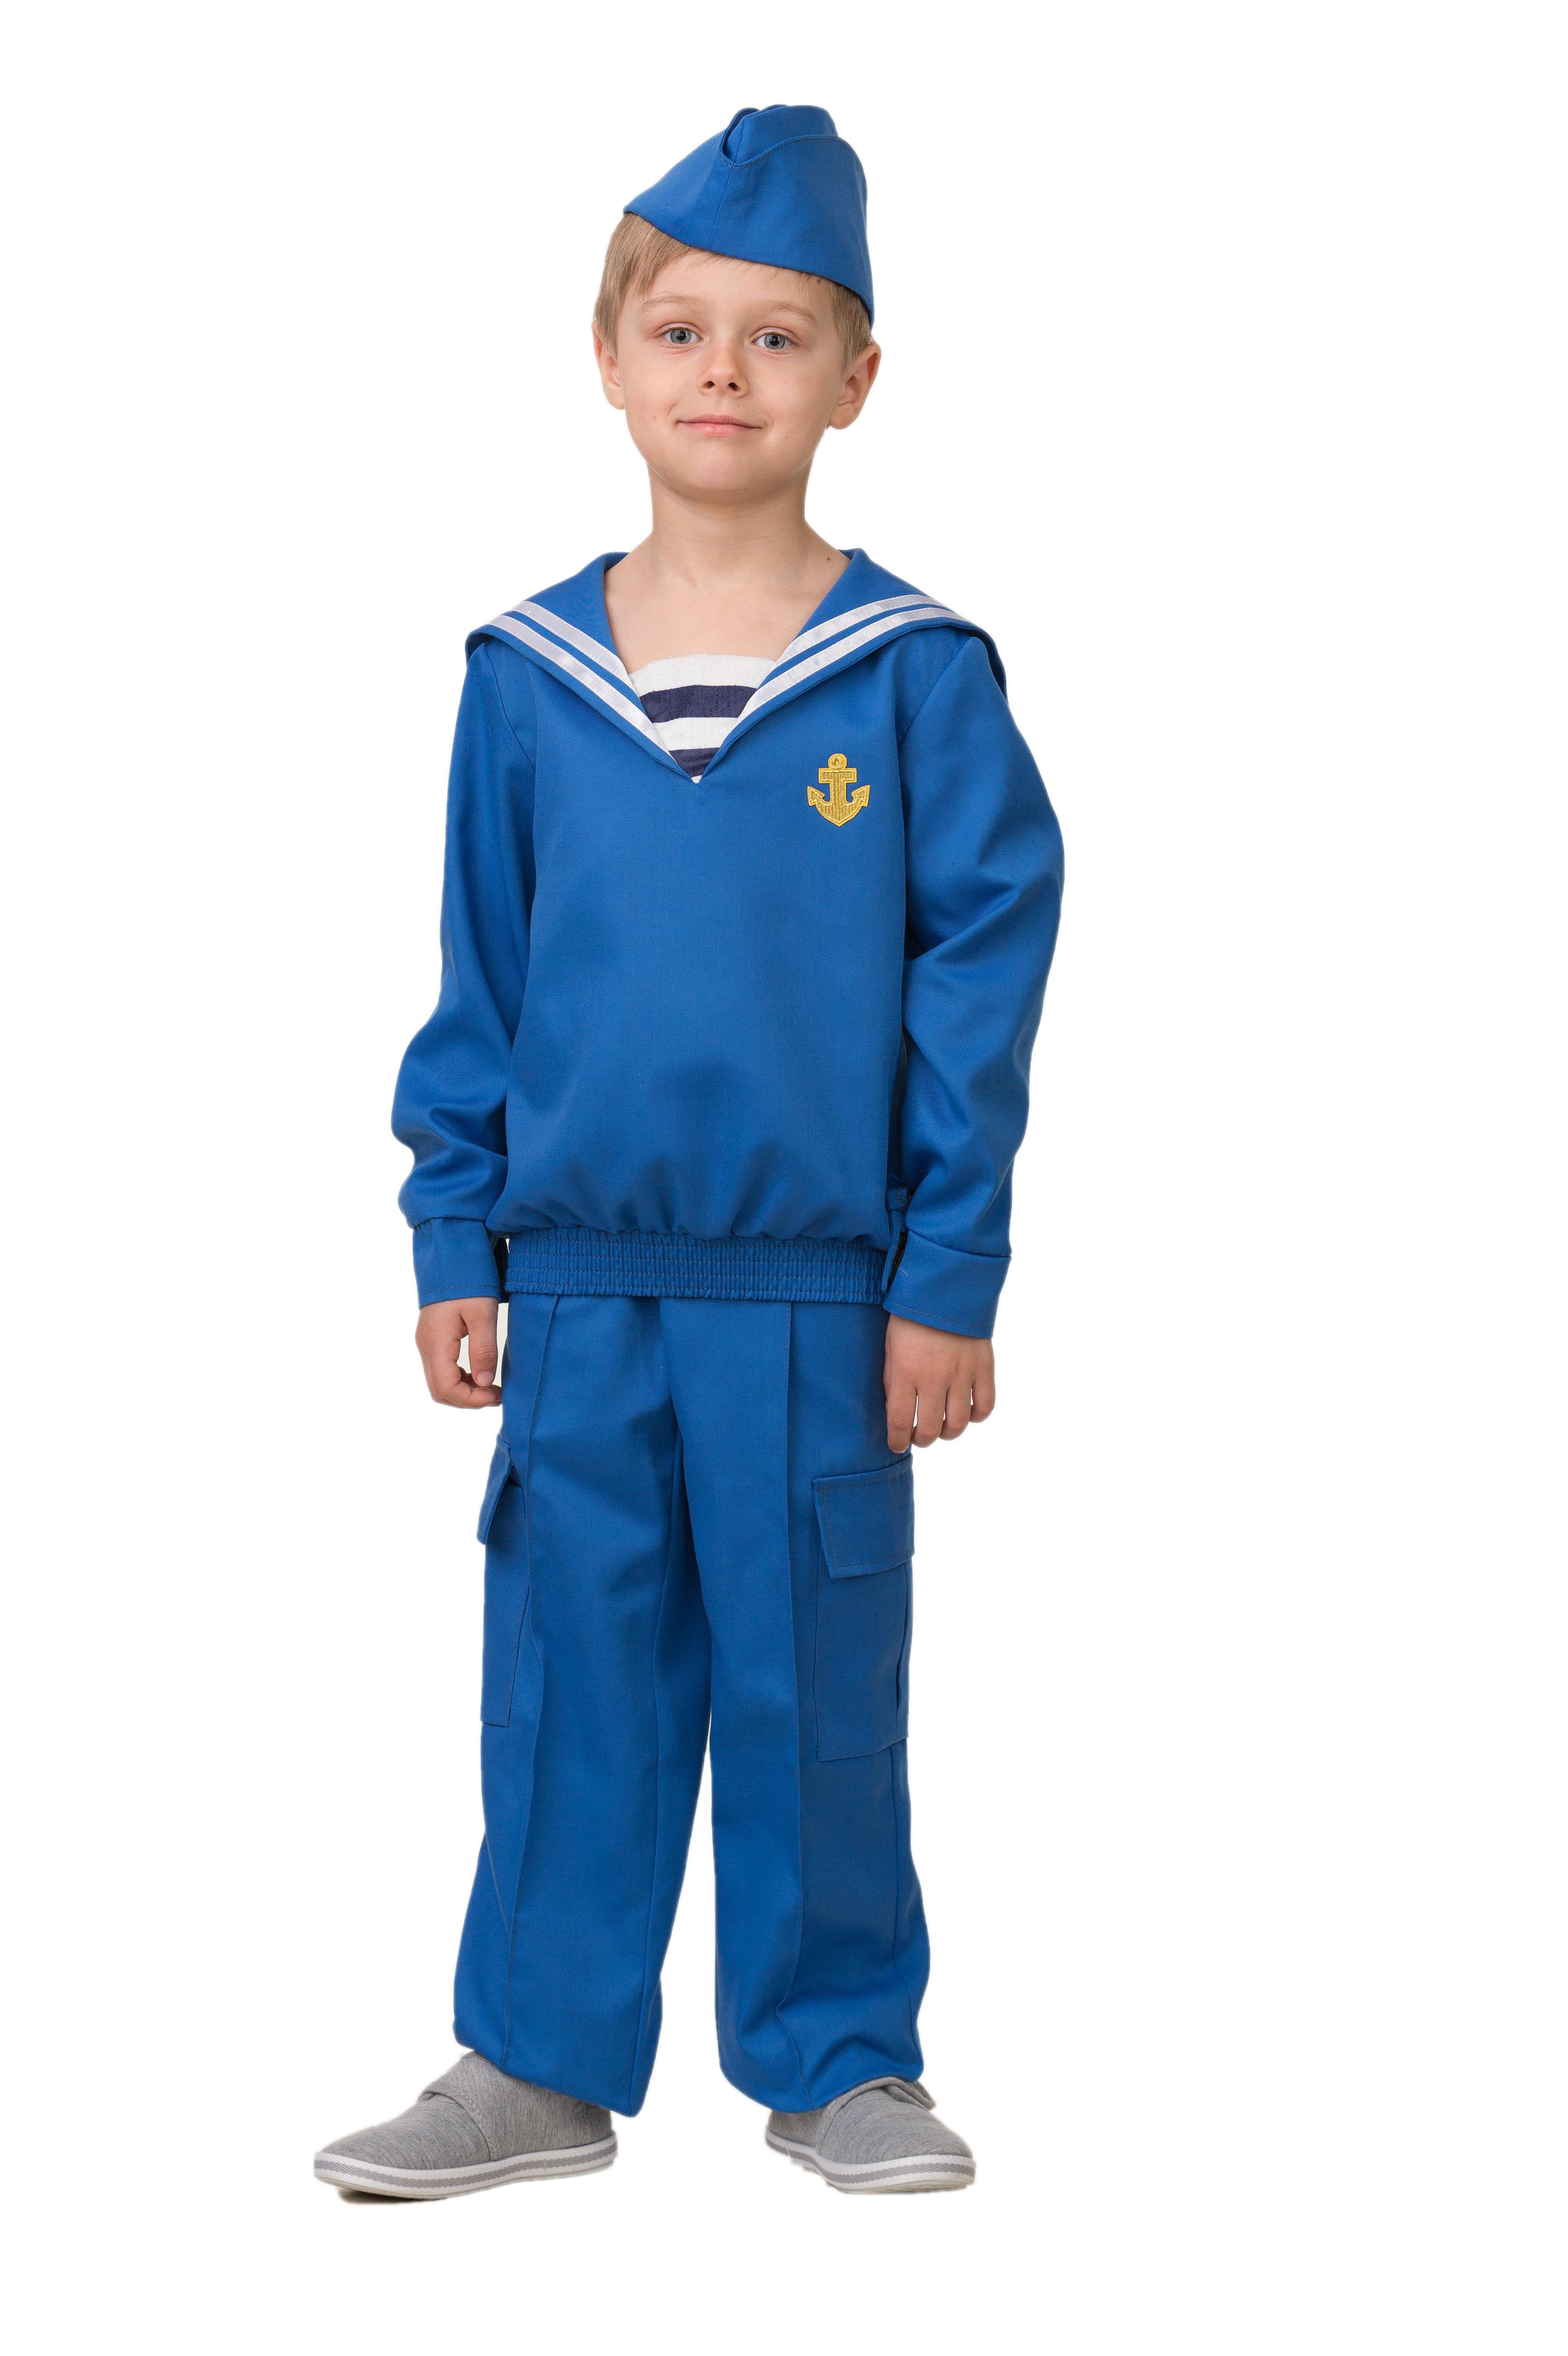 Детский костюм Матроса (26) детский костюм собаки лабрадора 26 32